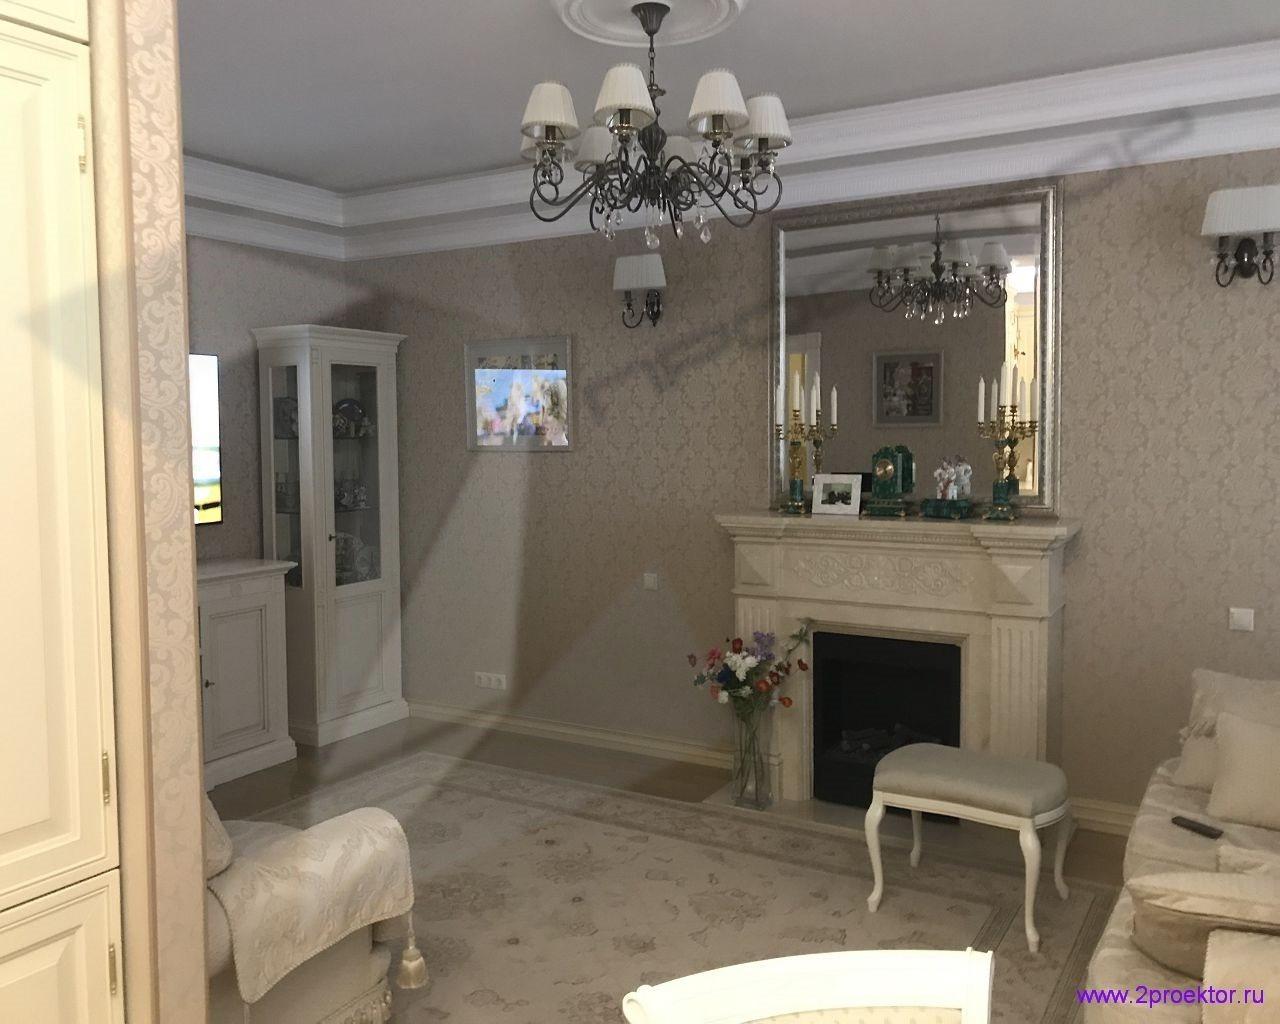 Согласованный вариант перепланировки квартиры с устройством камина.